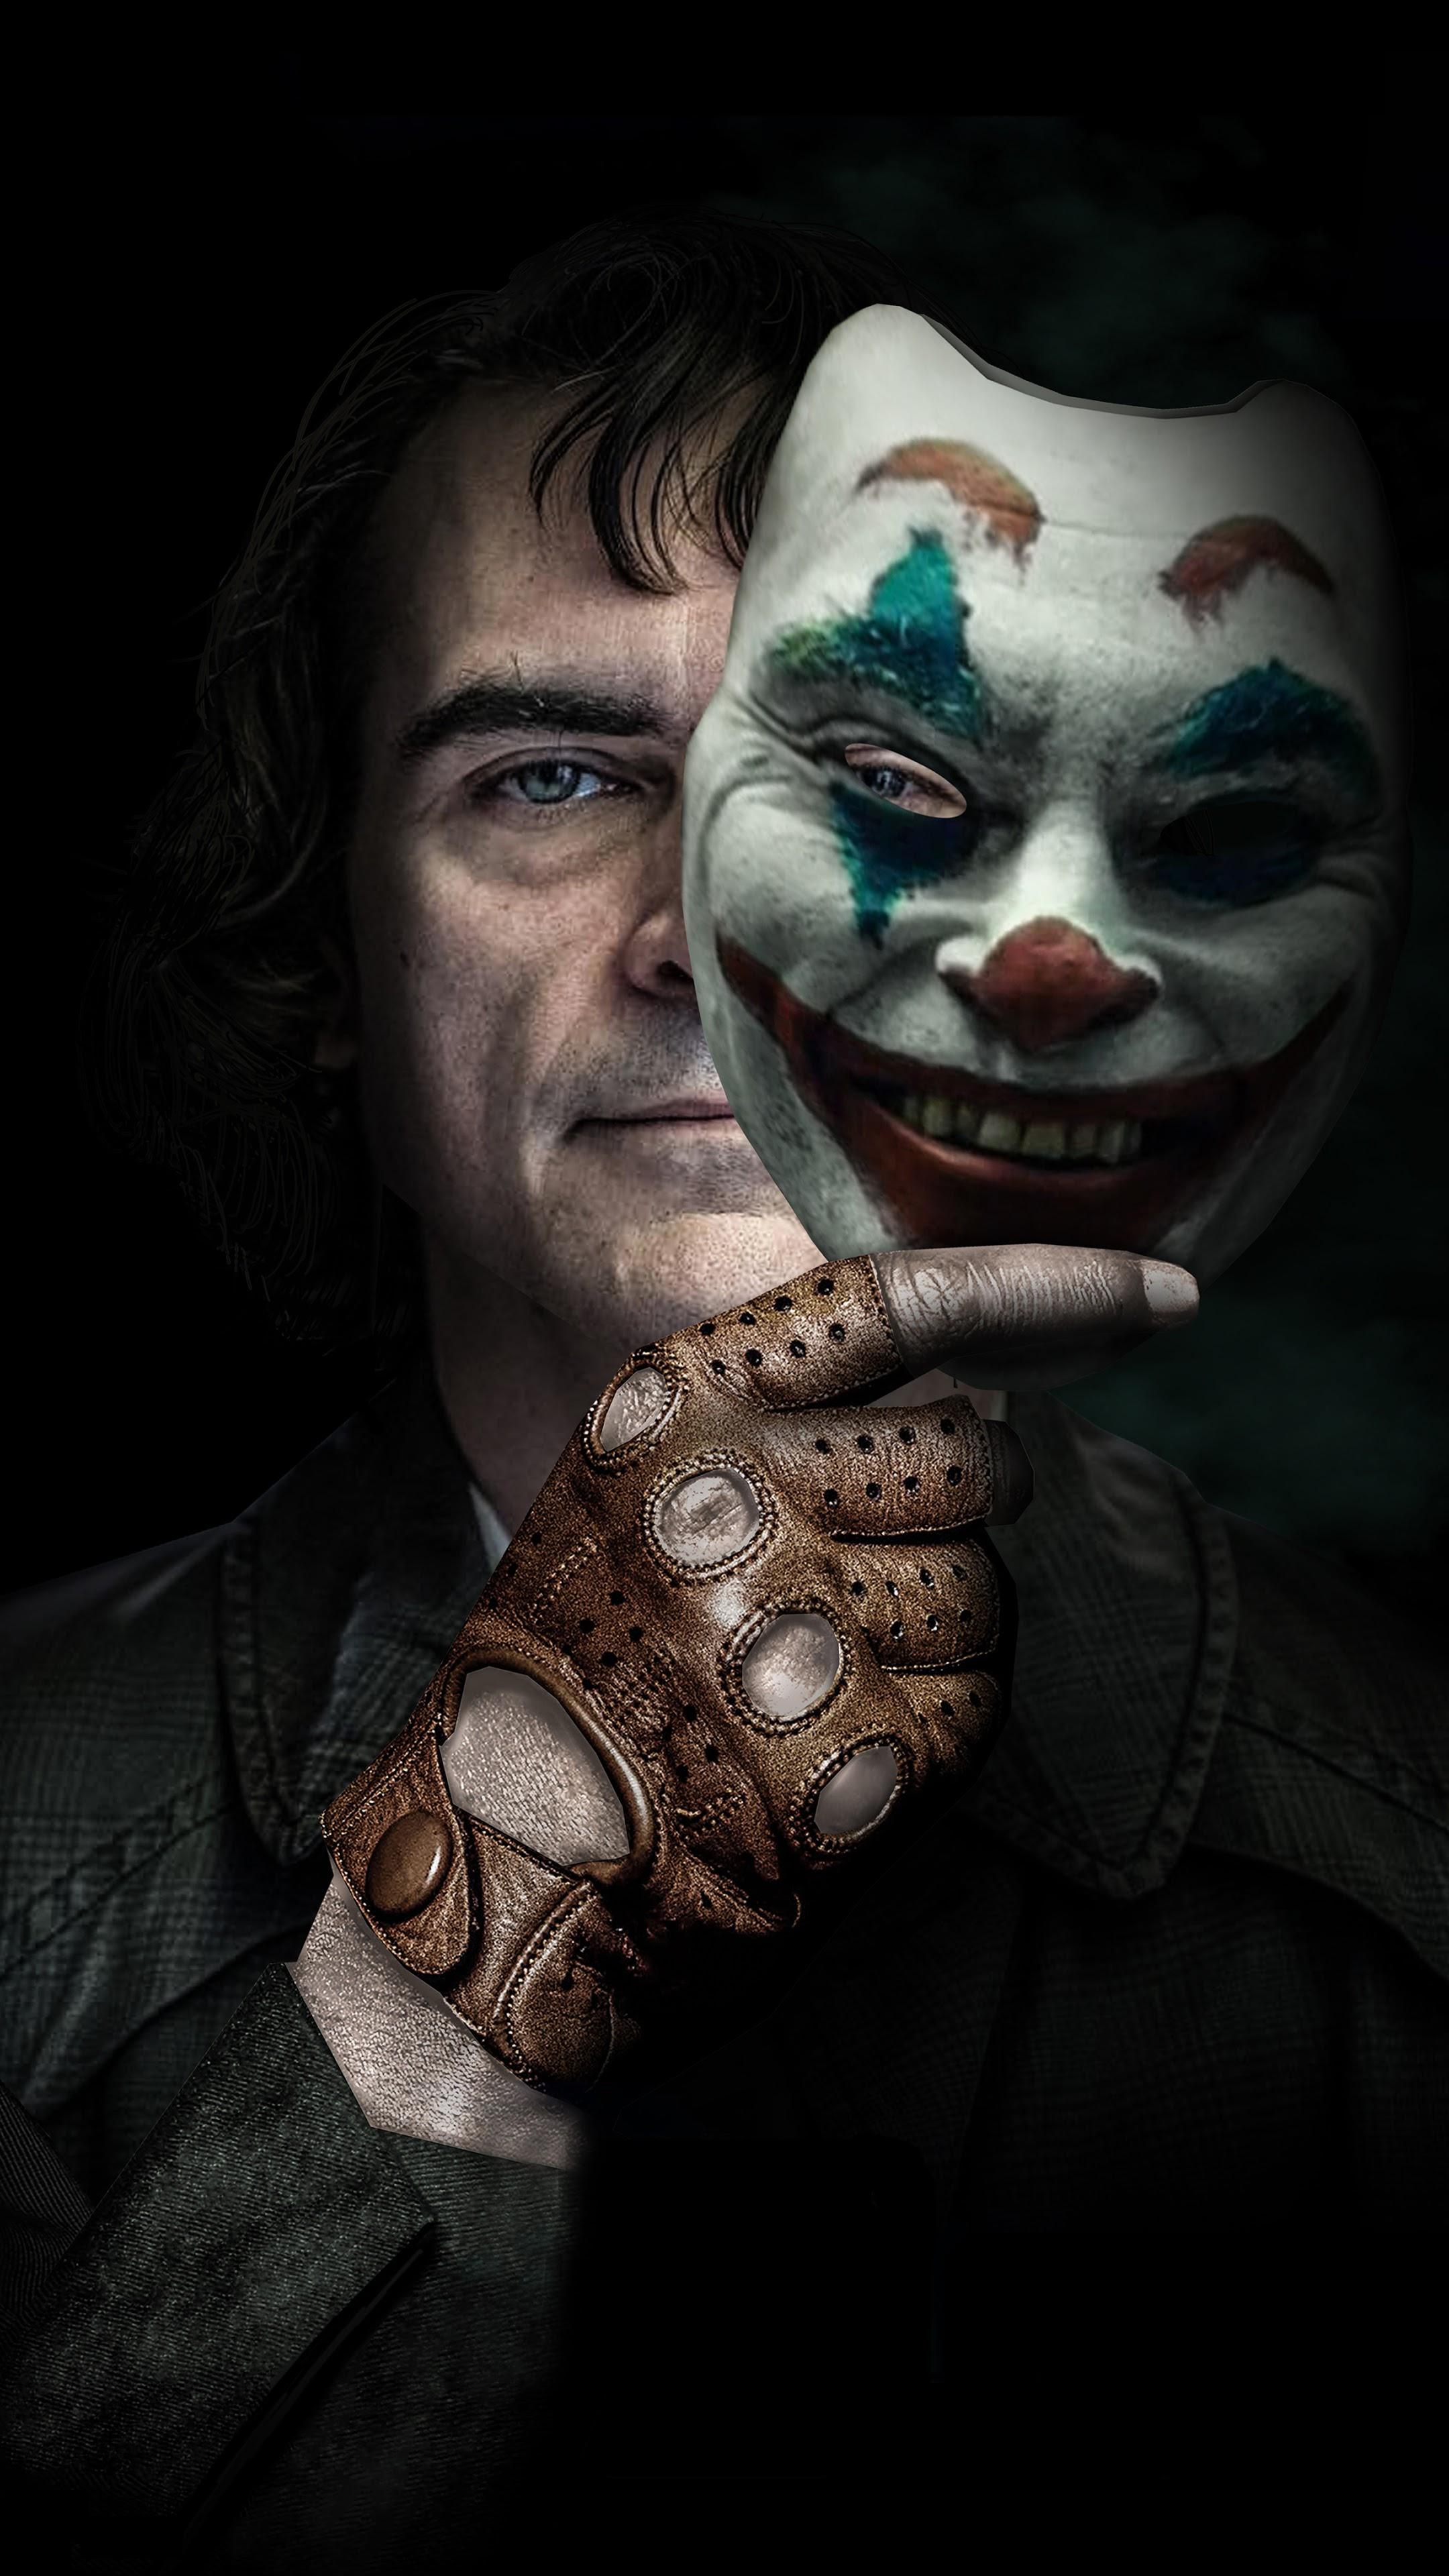 Joker 2019 Joaquin Phoenix 8k Wallpaper Joker Wallpapers For Iphone Xs Max 2422438 Hd Wallpaper Backgrounds Download